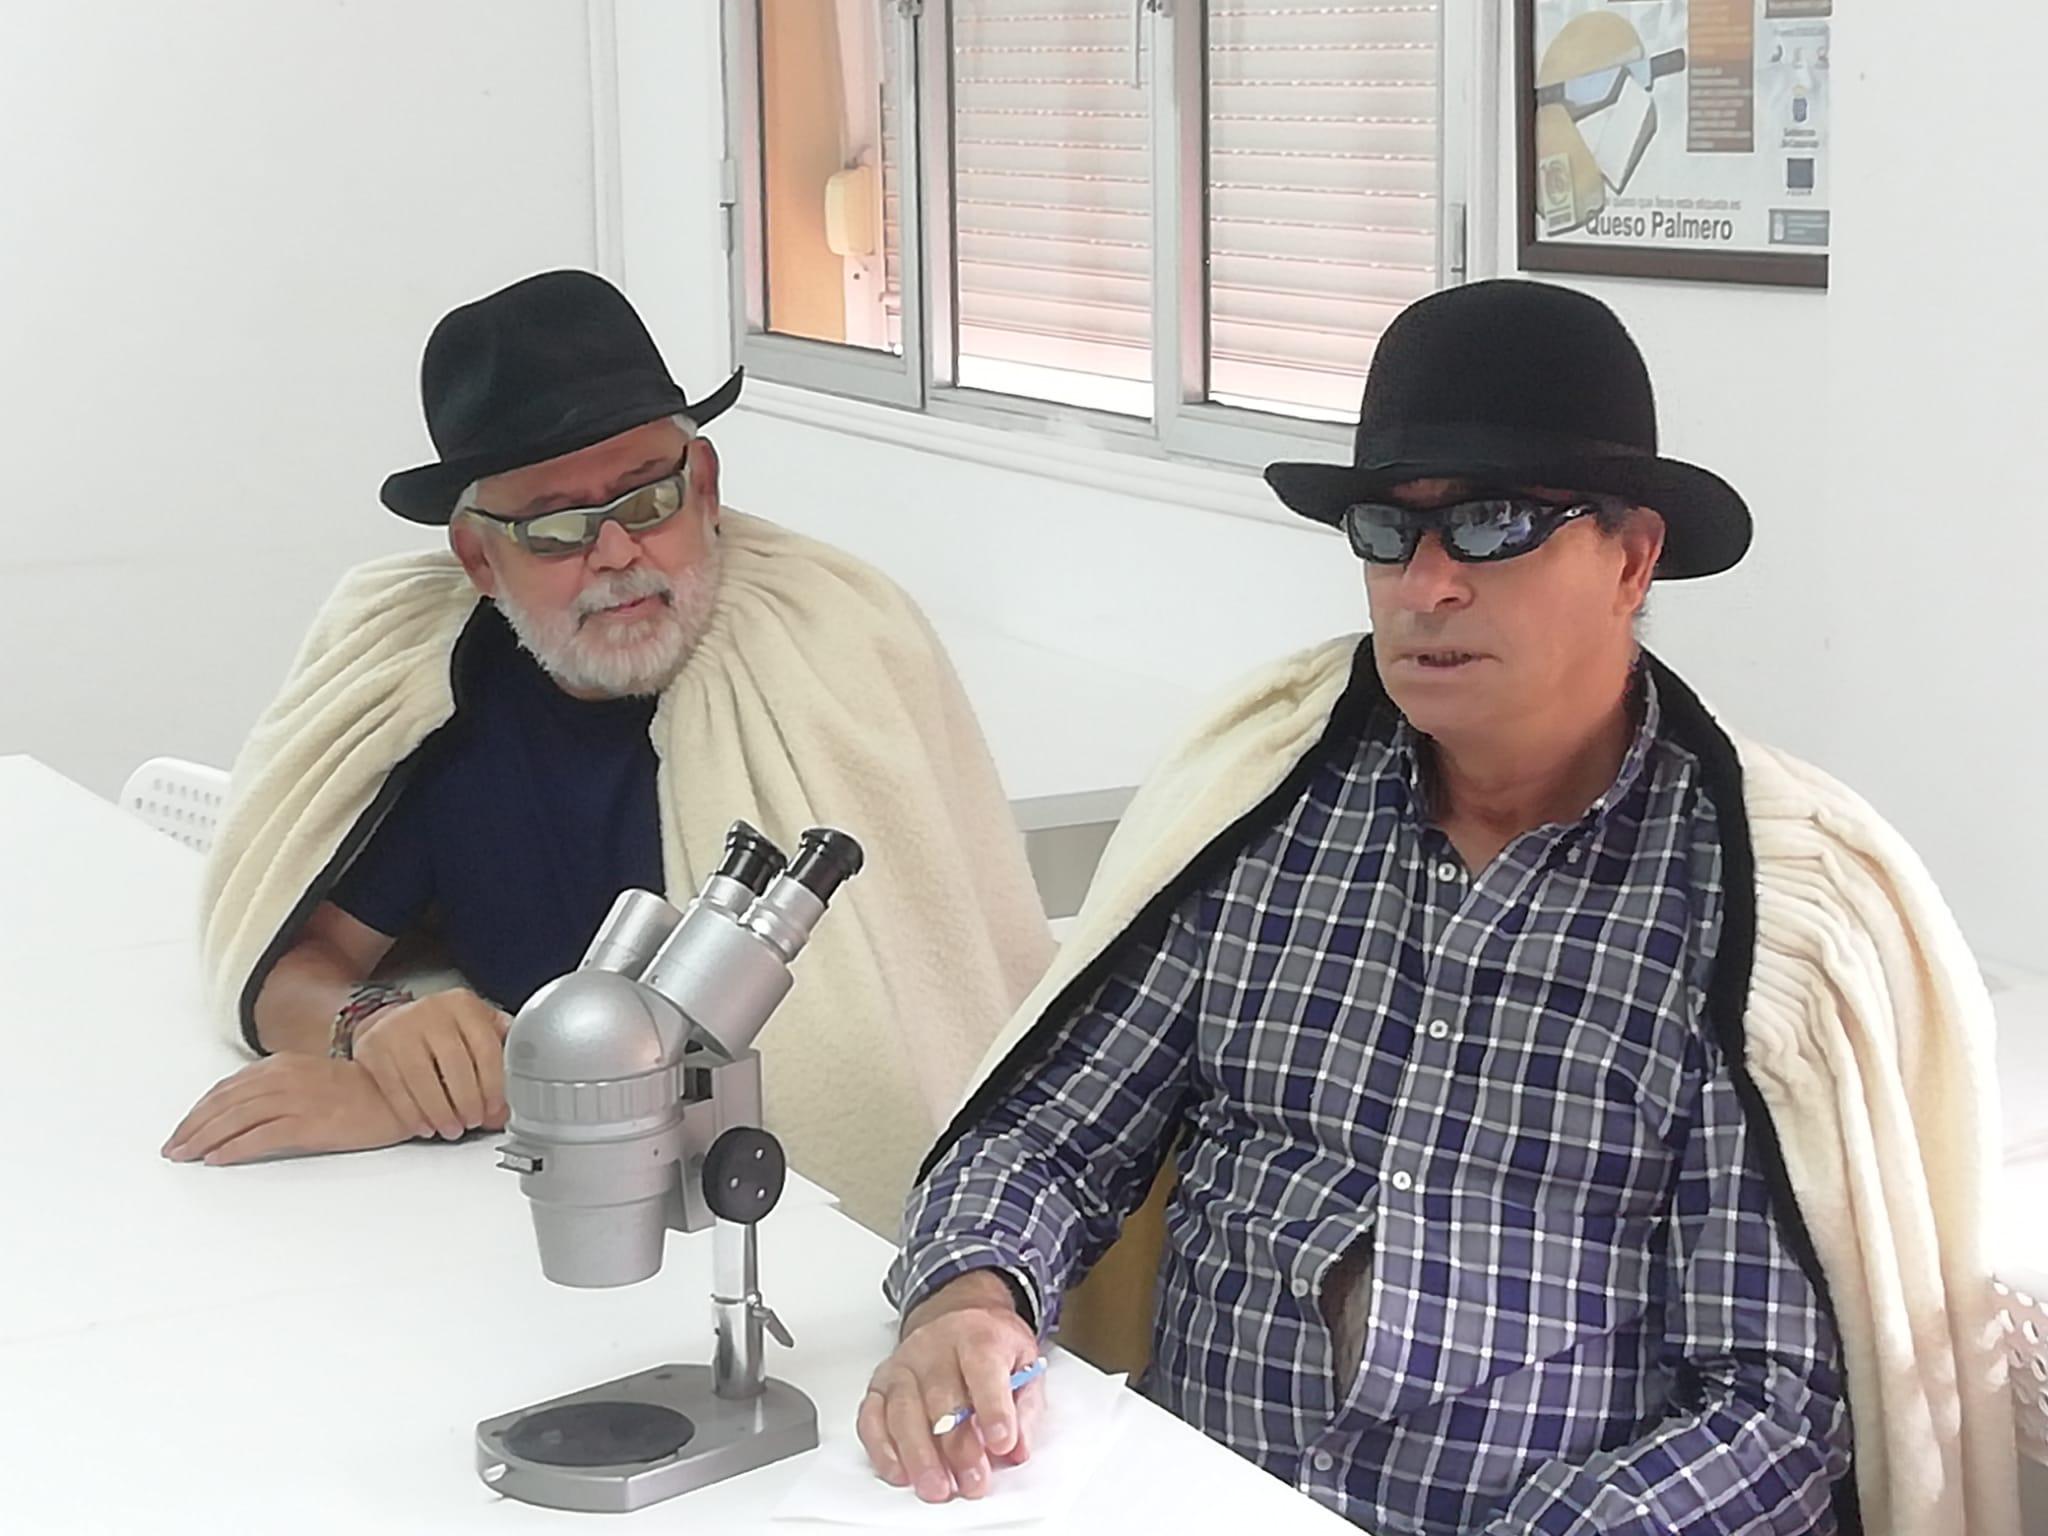 FOTO 2.- CAPOTE Y FÓSFORO